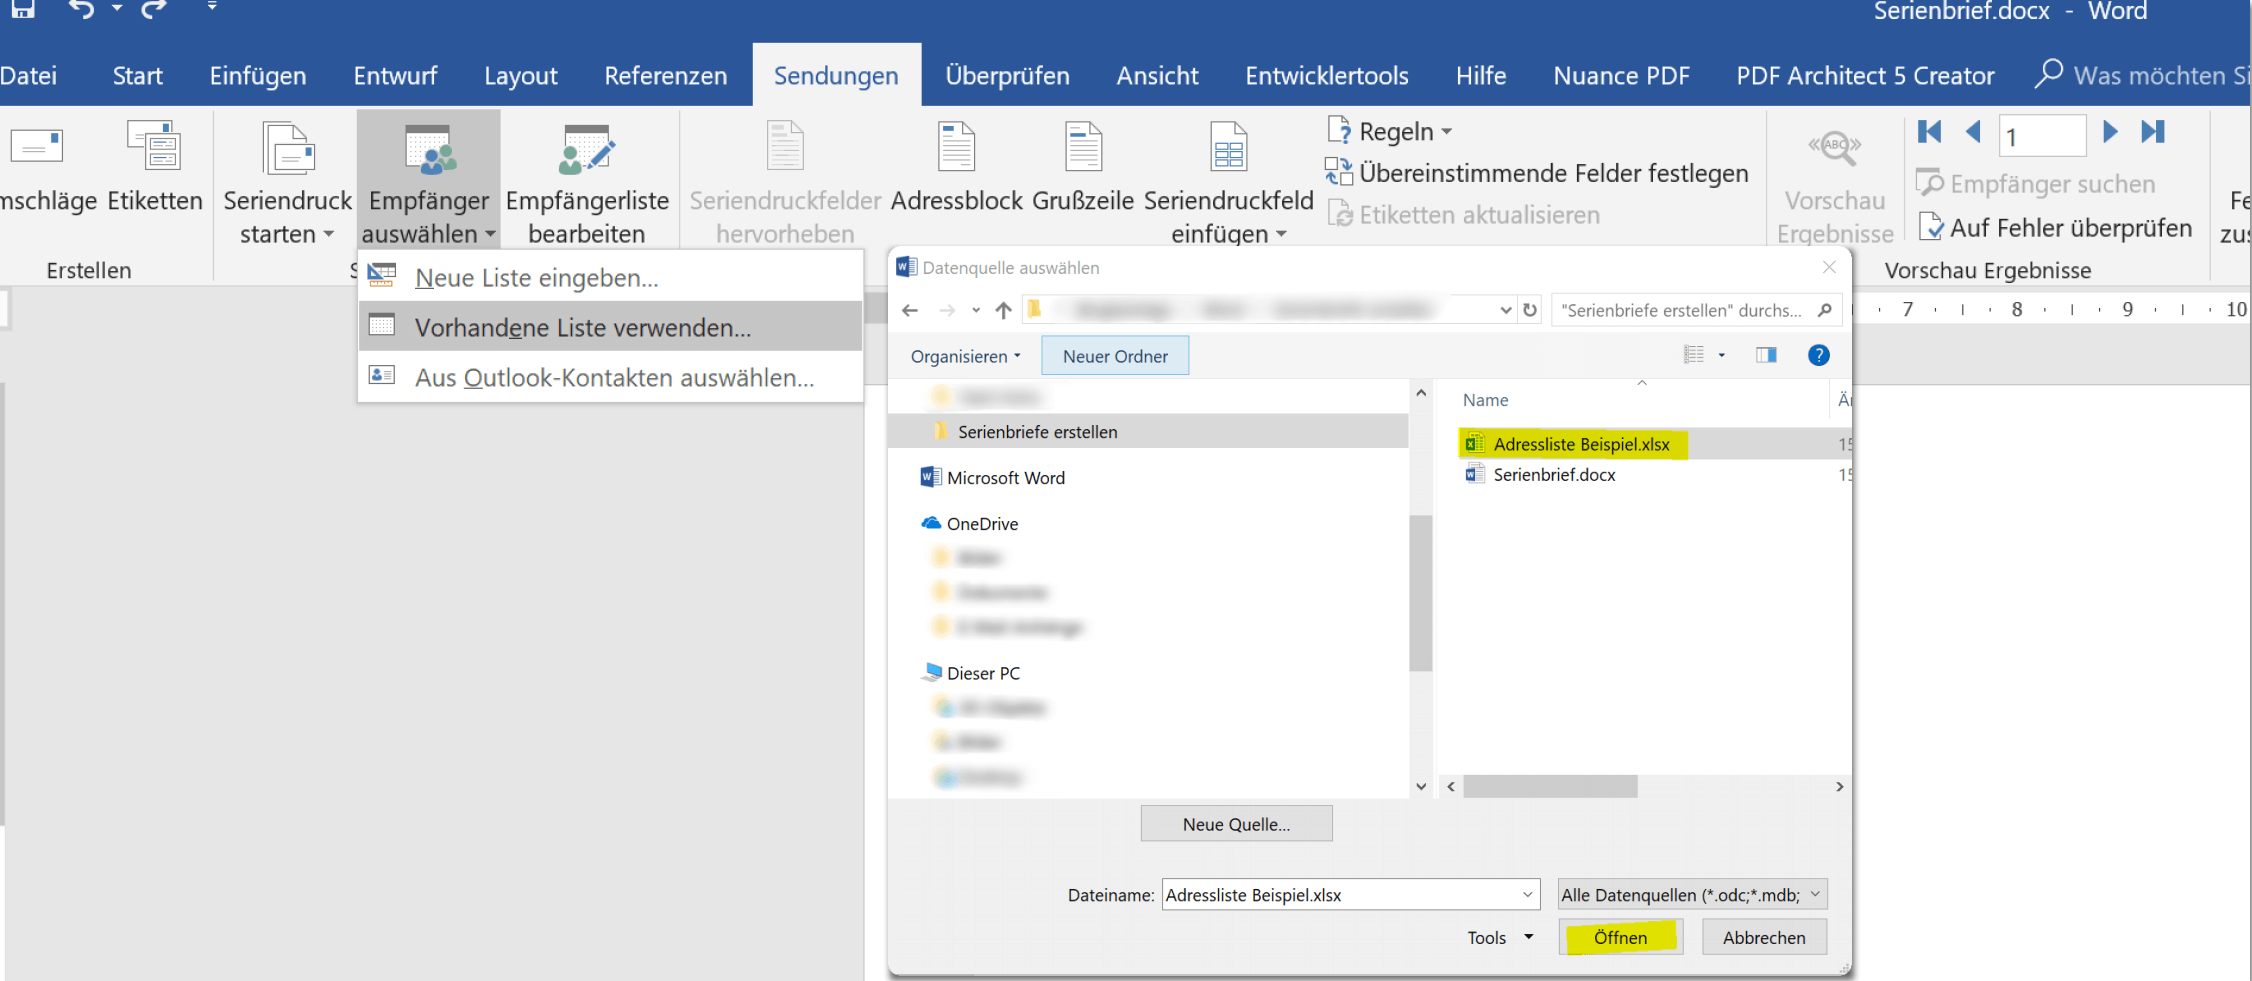 3. Excel Empfängerliste für Serienbrief